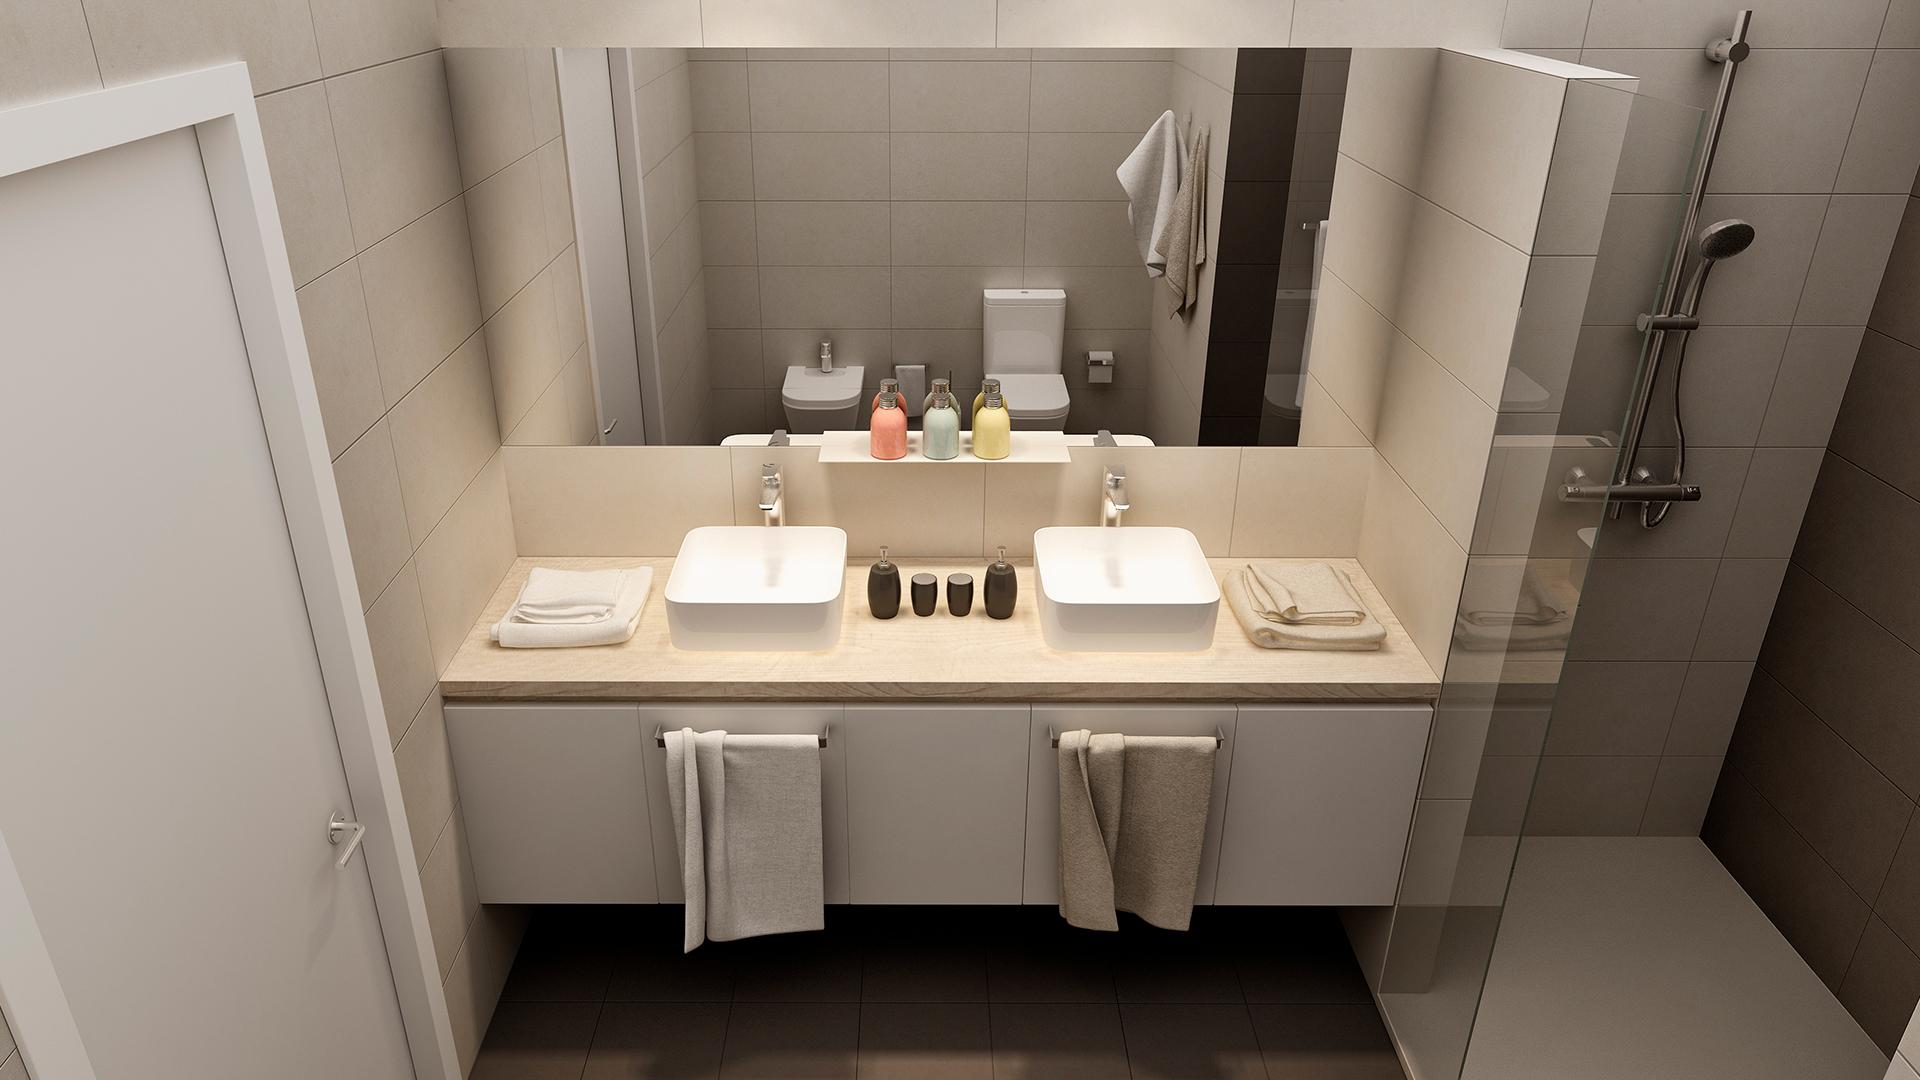 07_Aringal Dmanan Edificio Fonte do Rei baño diseño industrial Zaton diseñadores